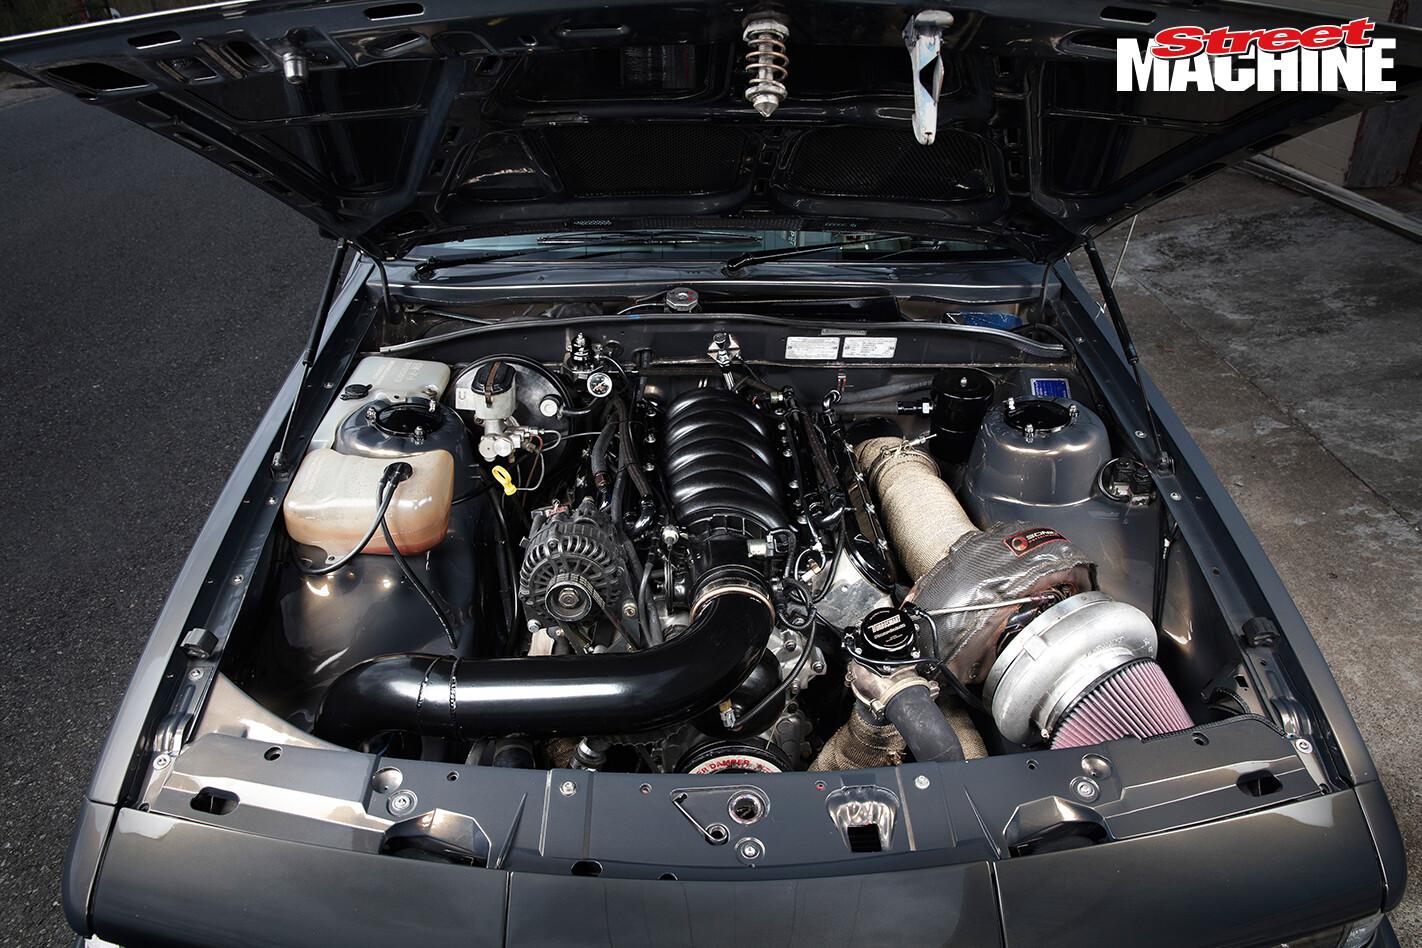 VL Commodore Turbo LS 15